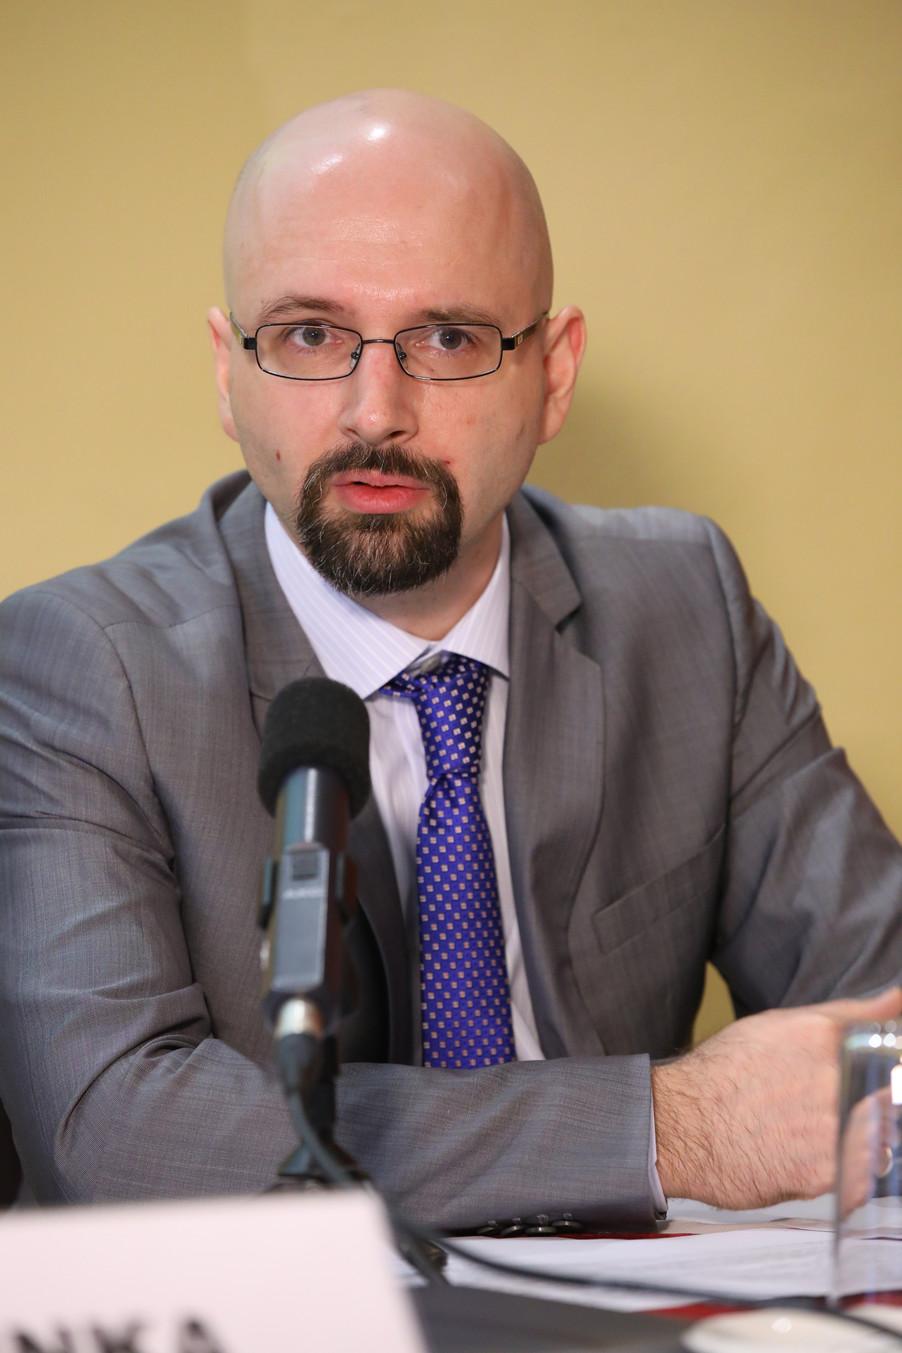 Bild 14 | Vorab-Pressekonferenz anlässlich der 16. Jahrestagung der Österreichischen Gesellschaft für ...